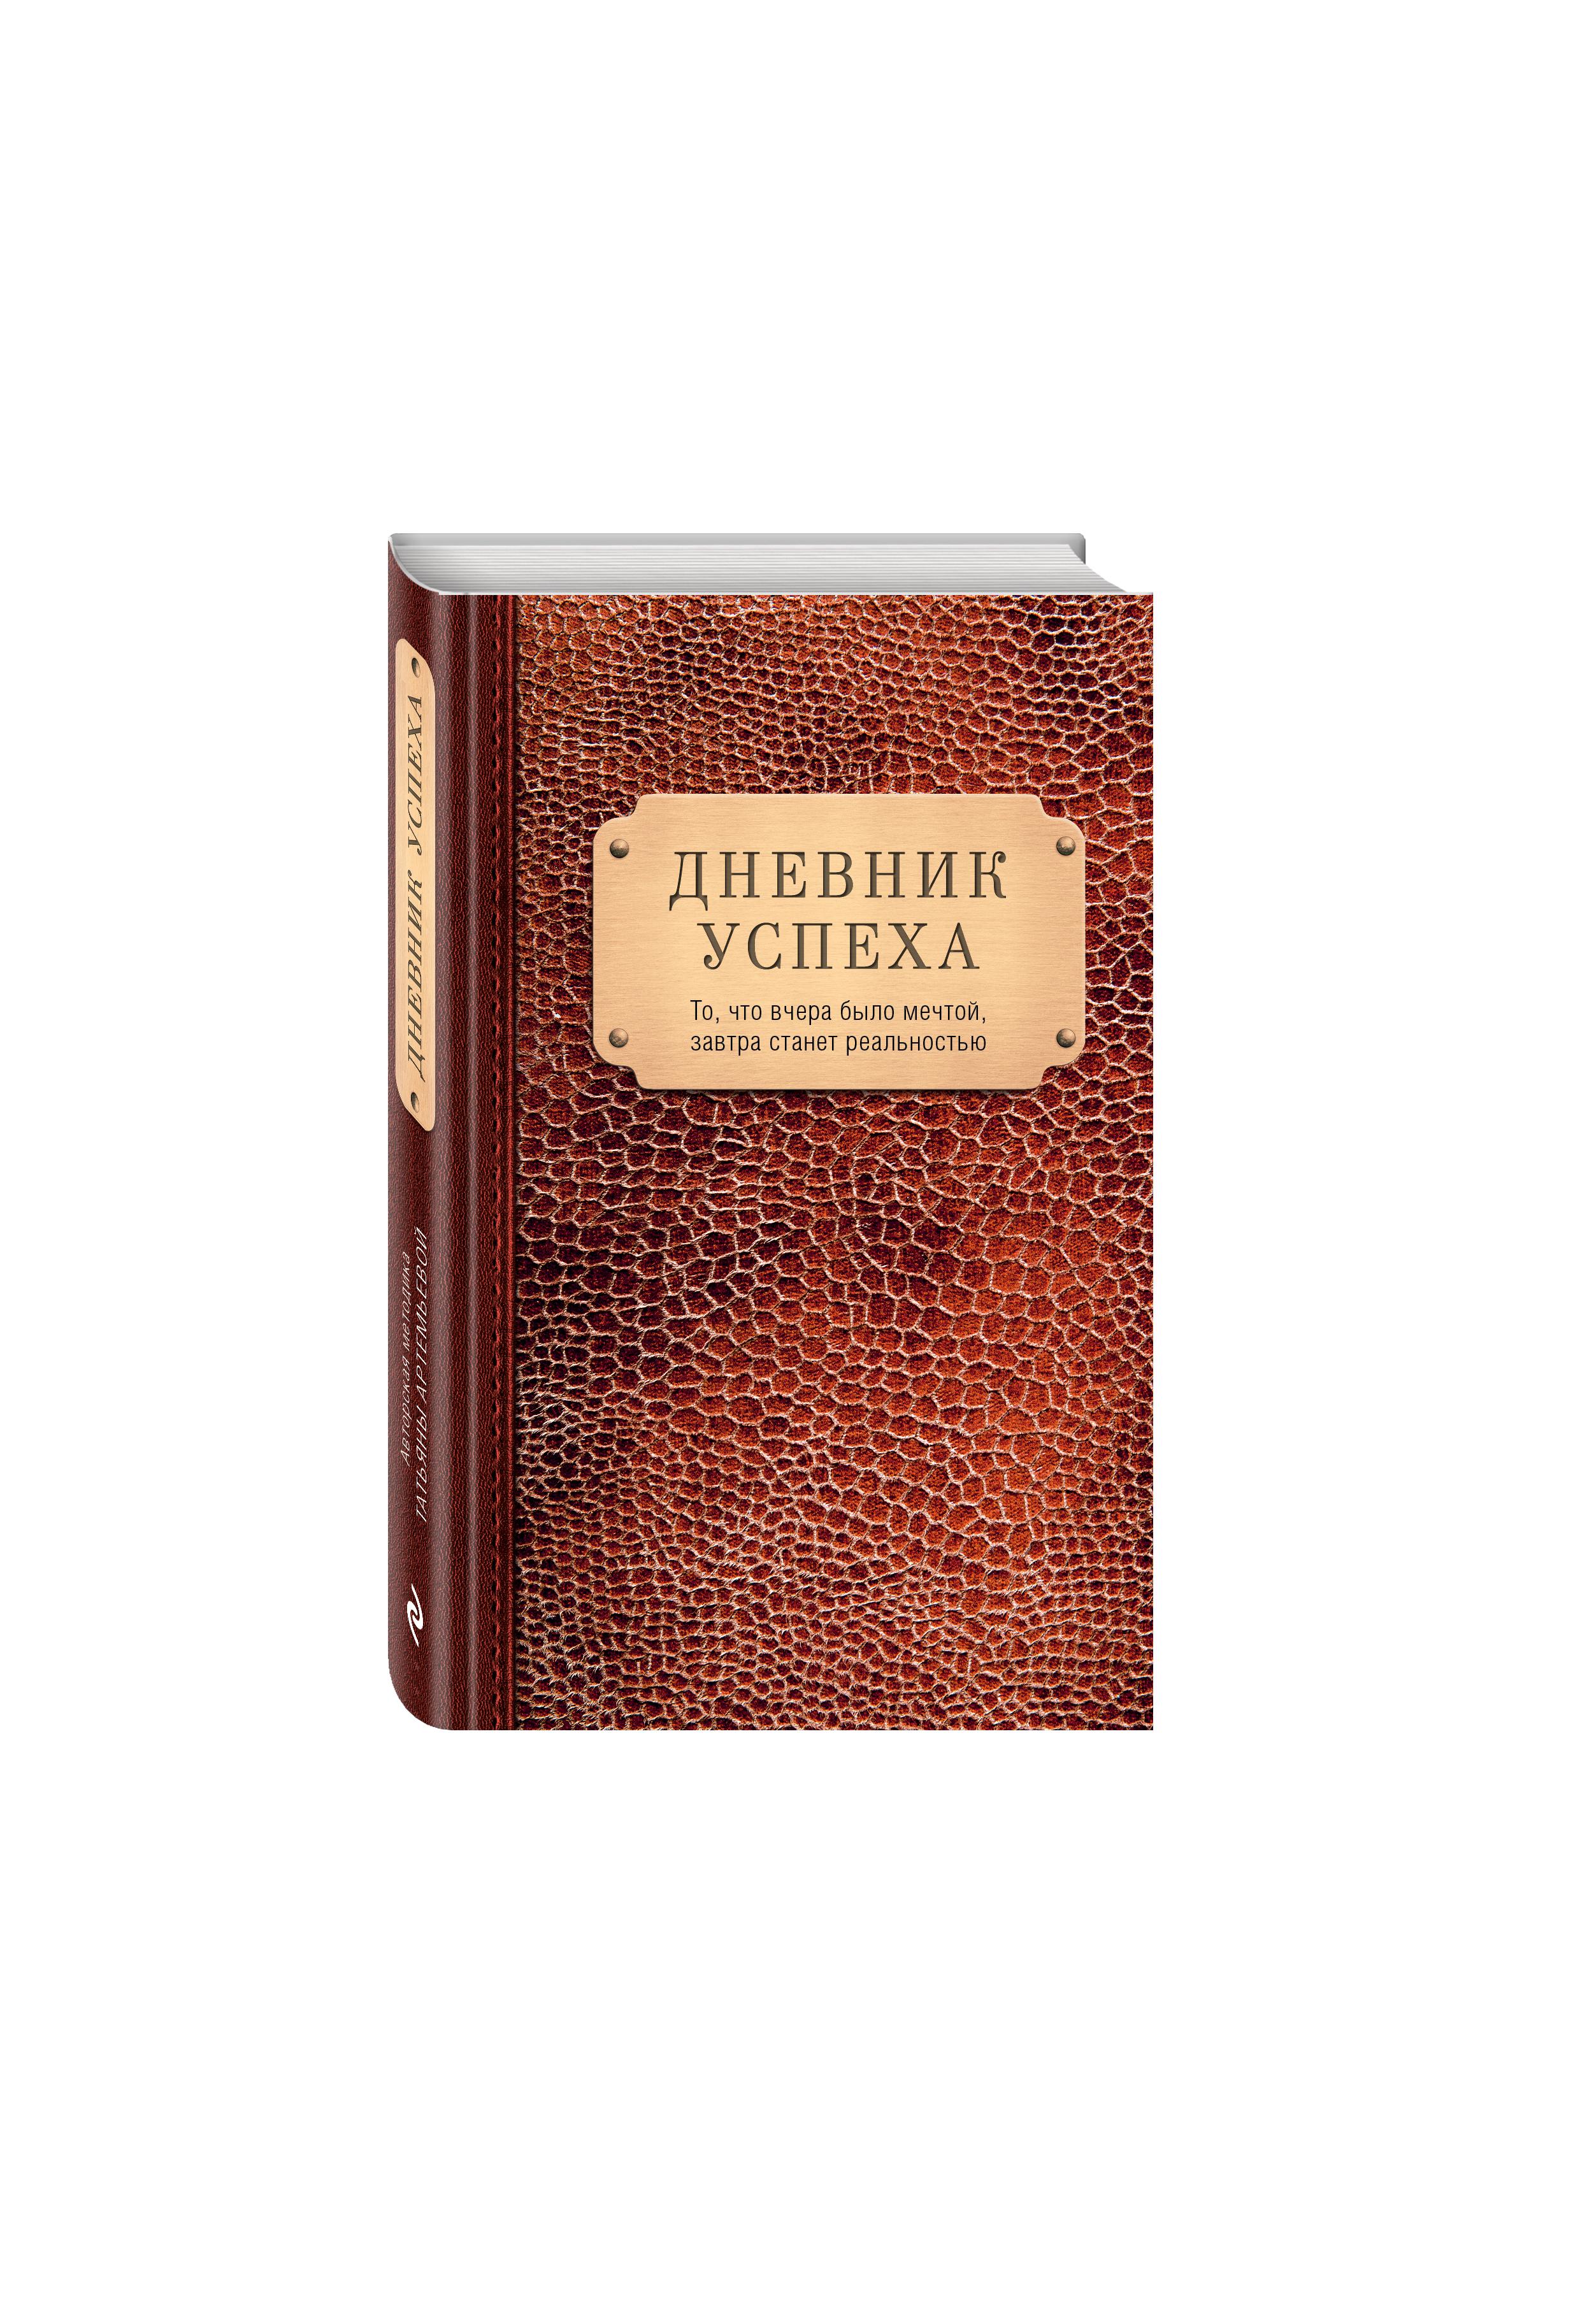 Артемьева Т. Дневник успеха (коричневый) б д сурис фронтовой дневник дневник рассказы